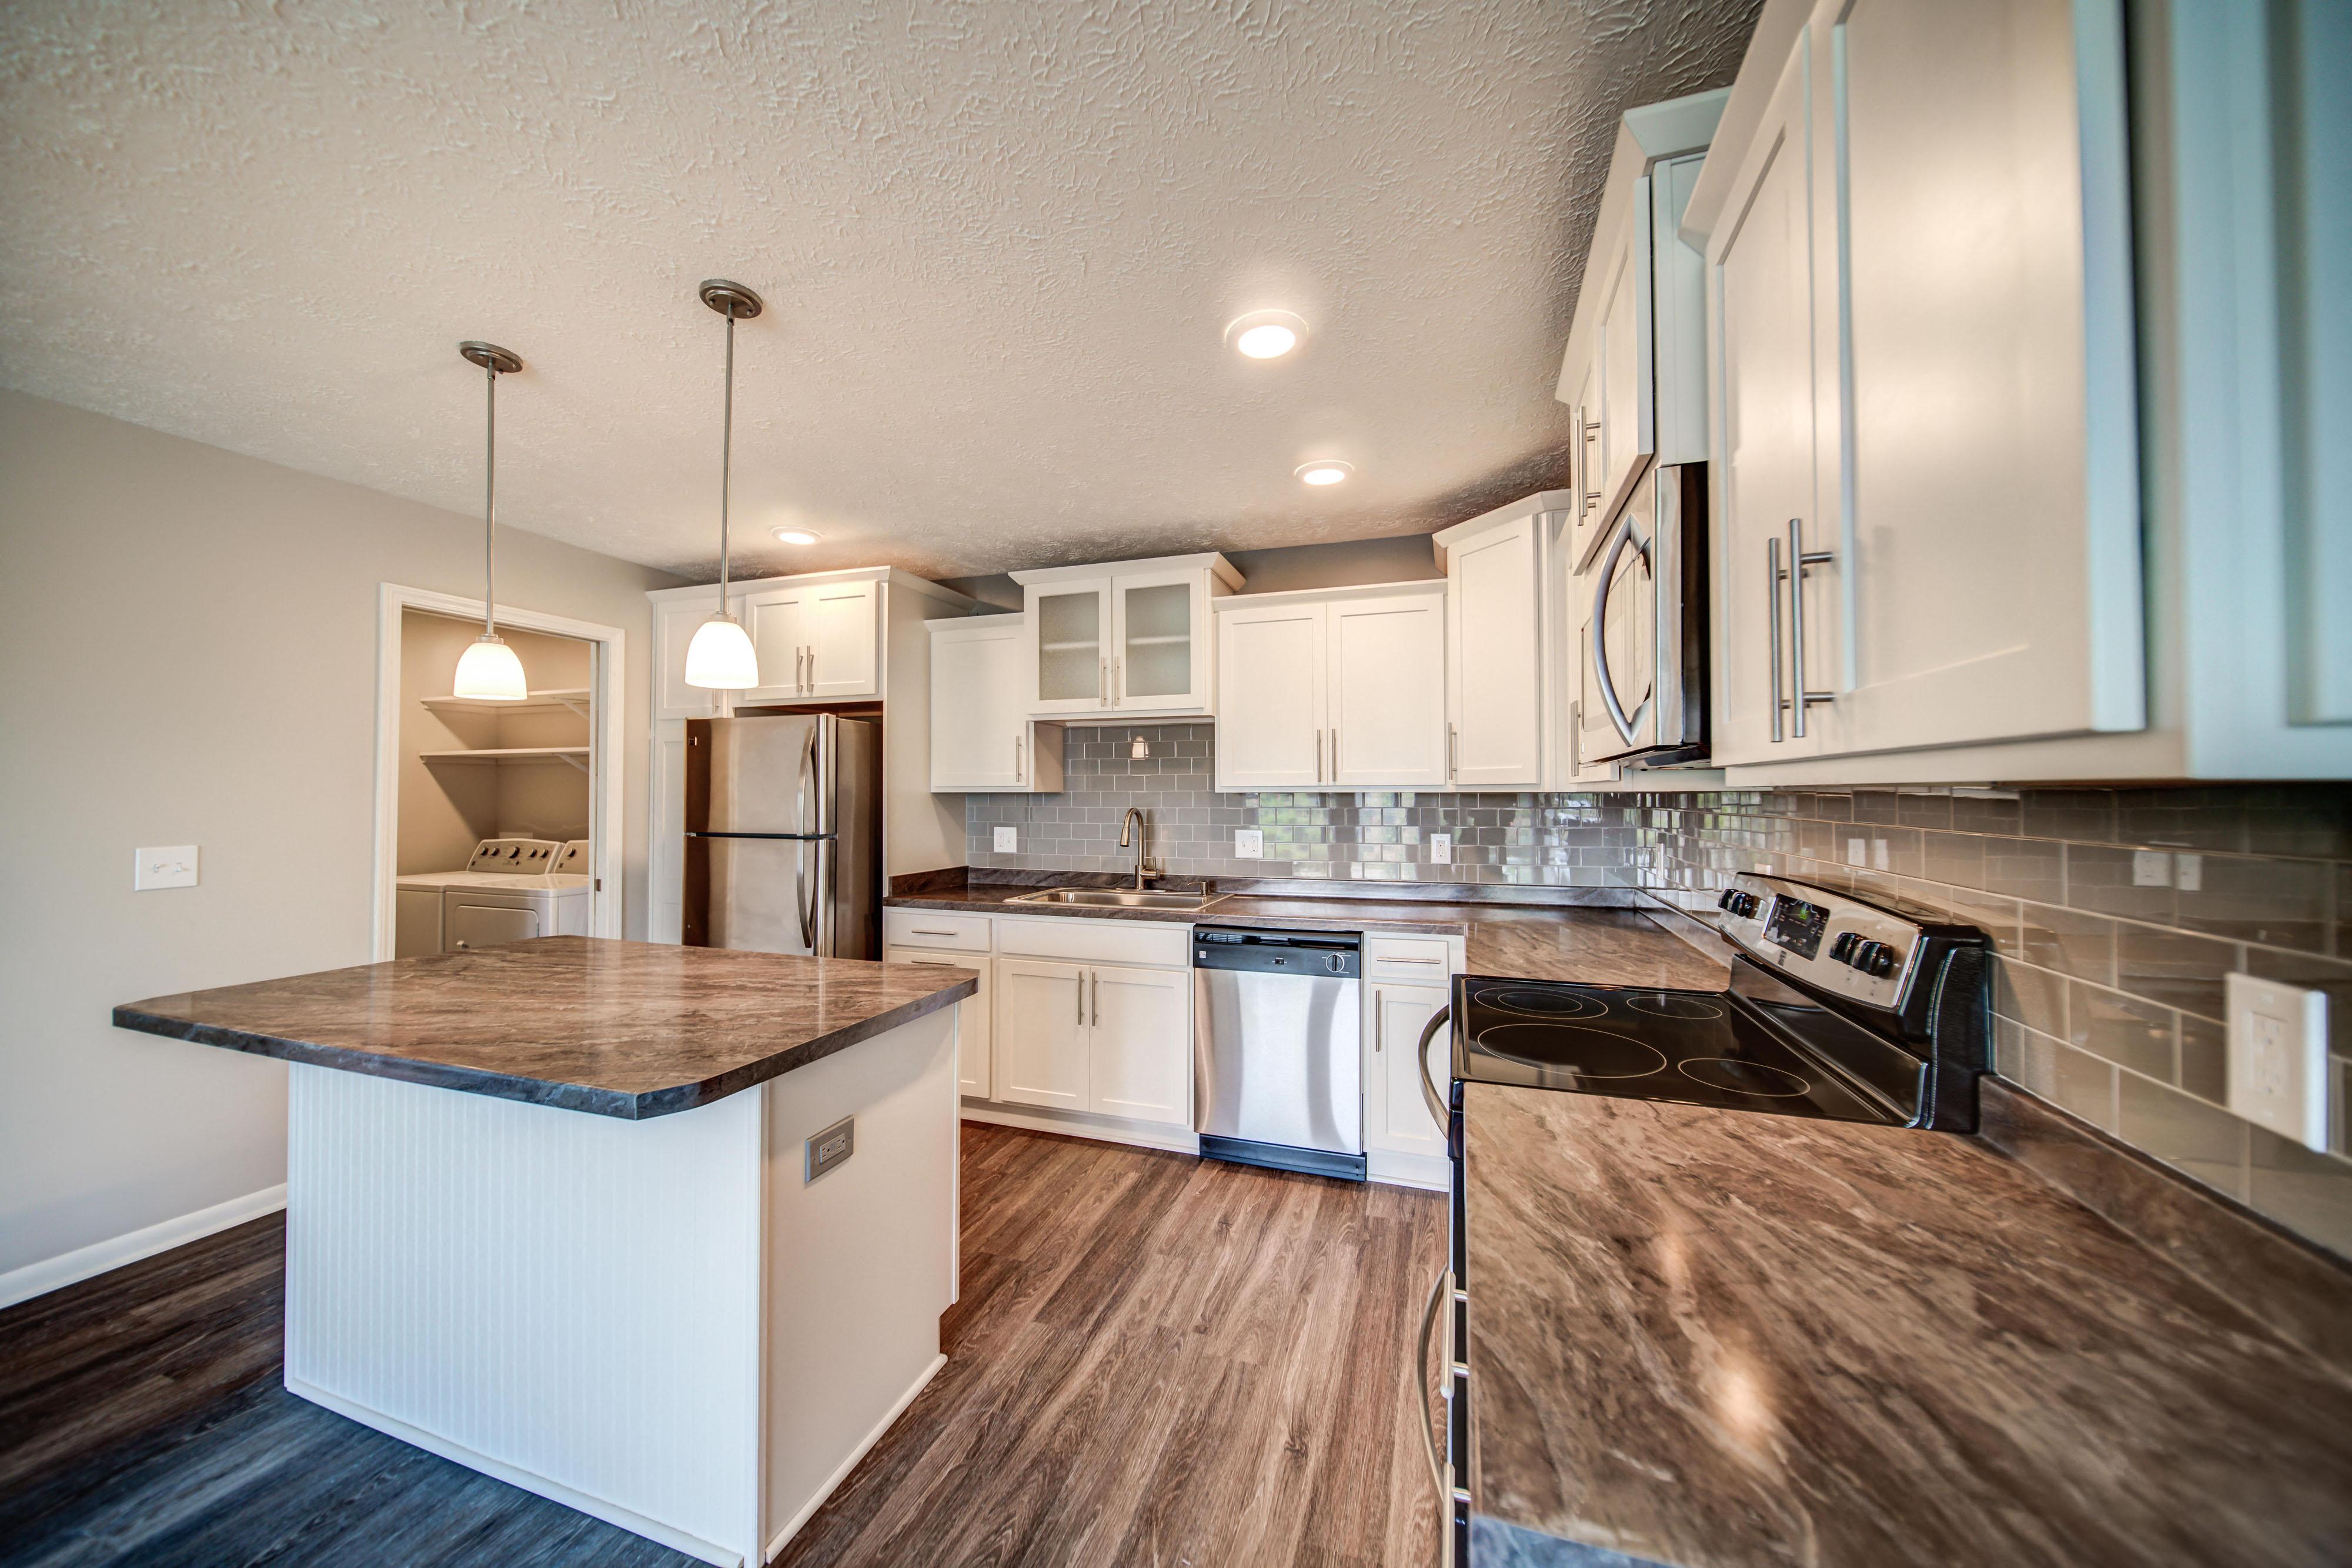 Updated Kitchen Pine Lane Estates Apartments On Lake Lansing Road, Lansing  Michigan